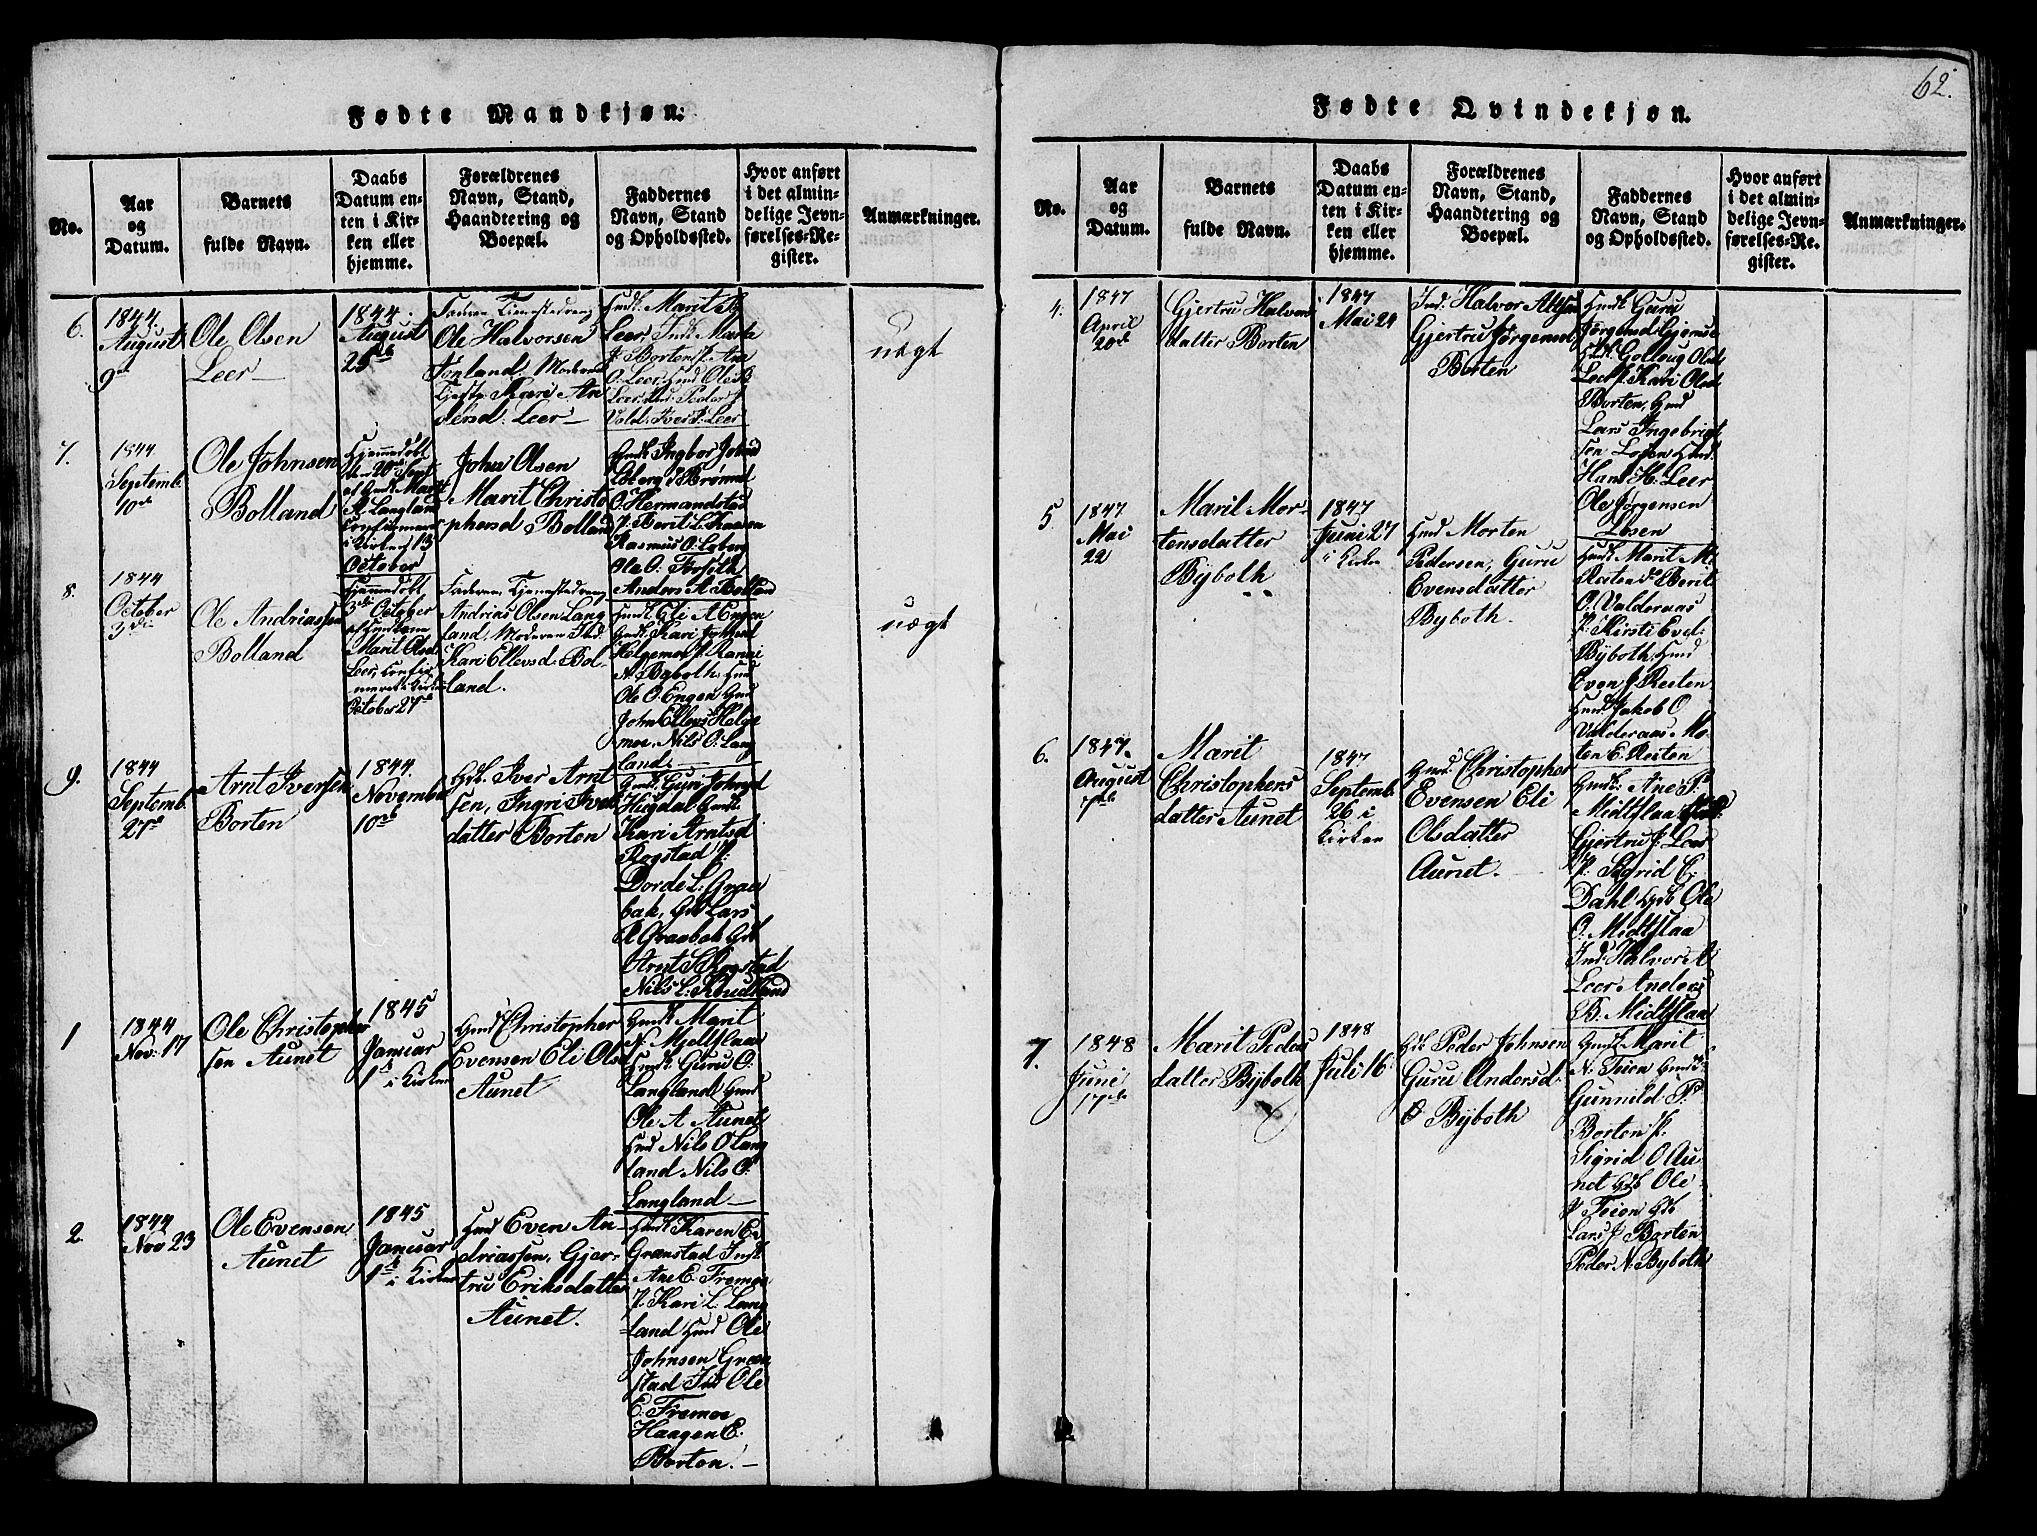 SAT, Ministerialprotokoller, klokkerbøker og fødselsregistre - Sør-Trøndelag, 693/L1121: Klokkerbok nr. 693C02, 1816-1869, s. 62